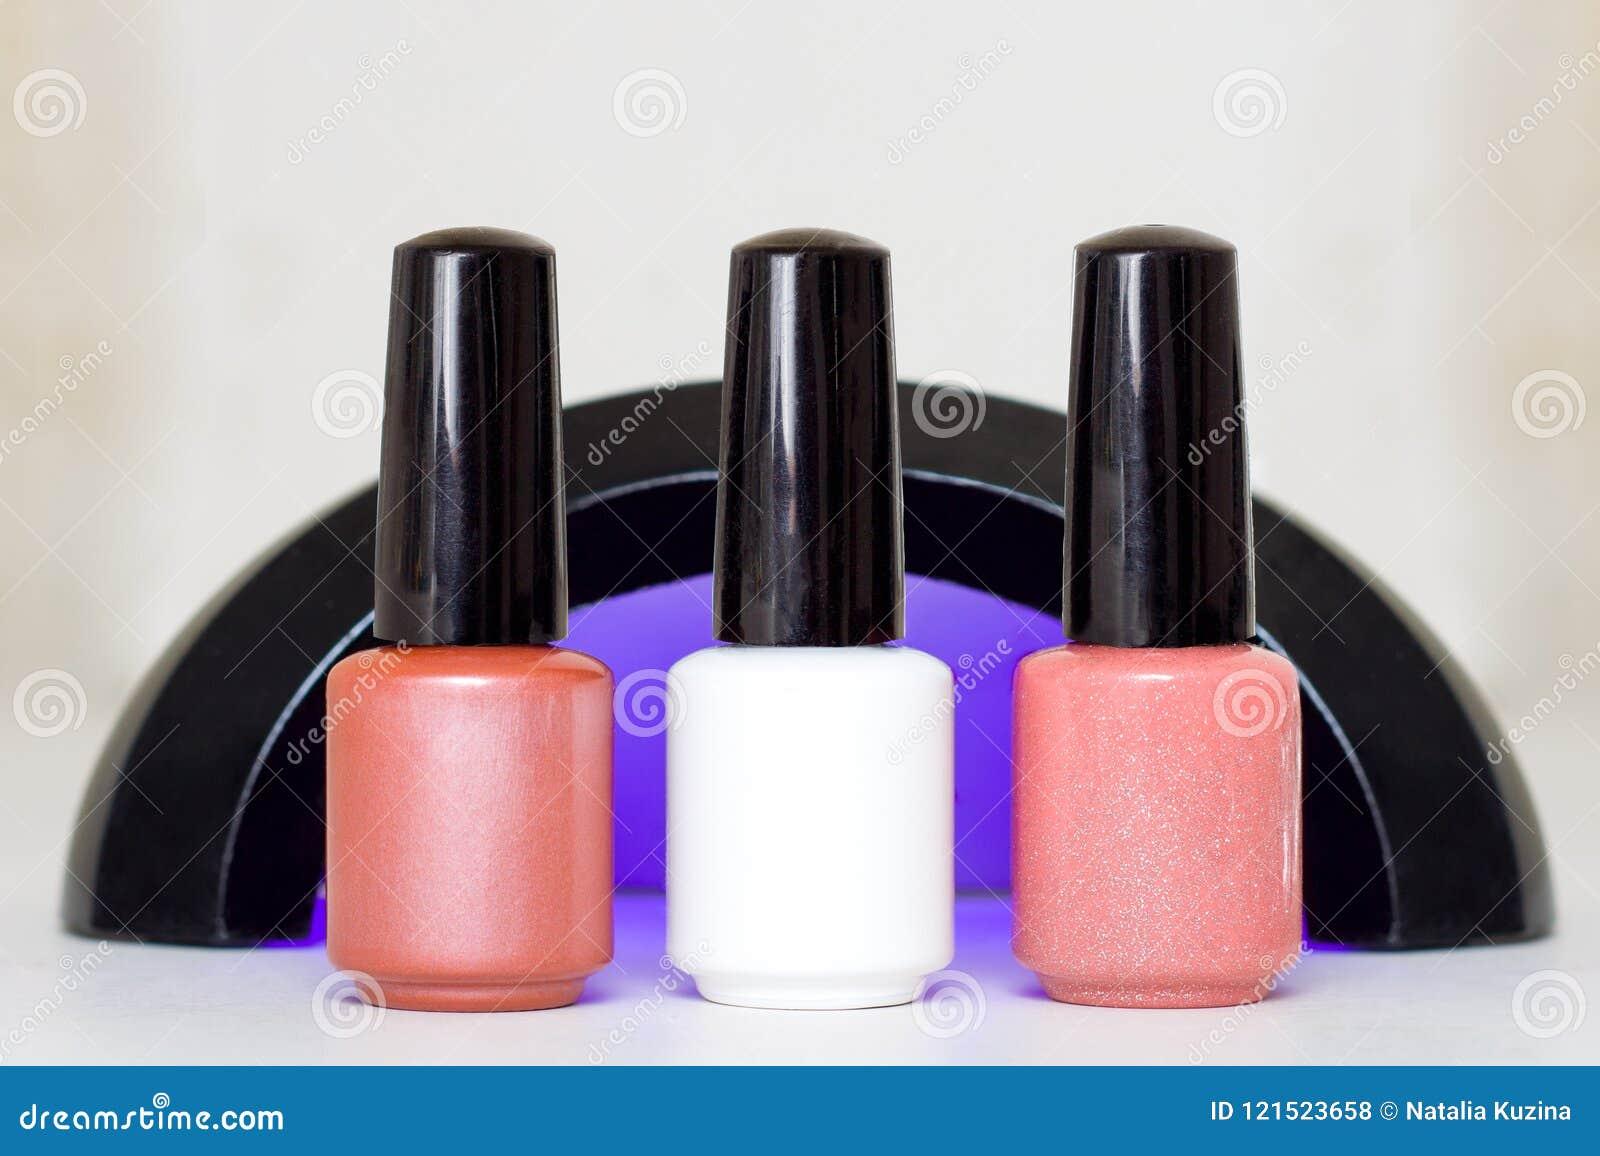 Belleza, moda y clavo Art Concept Manicure el esmalte de uñas beige blanco rosado ultravioleta de la lámpara de las herramientas